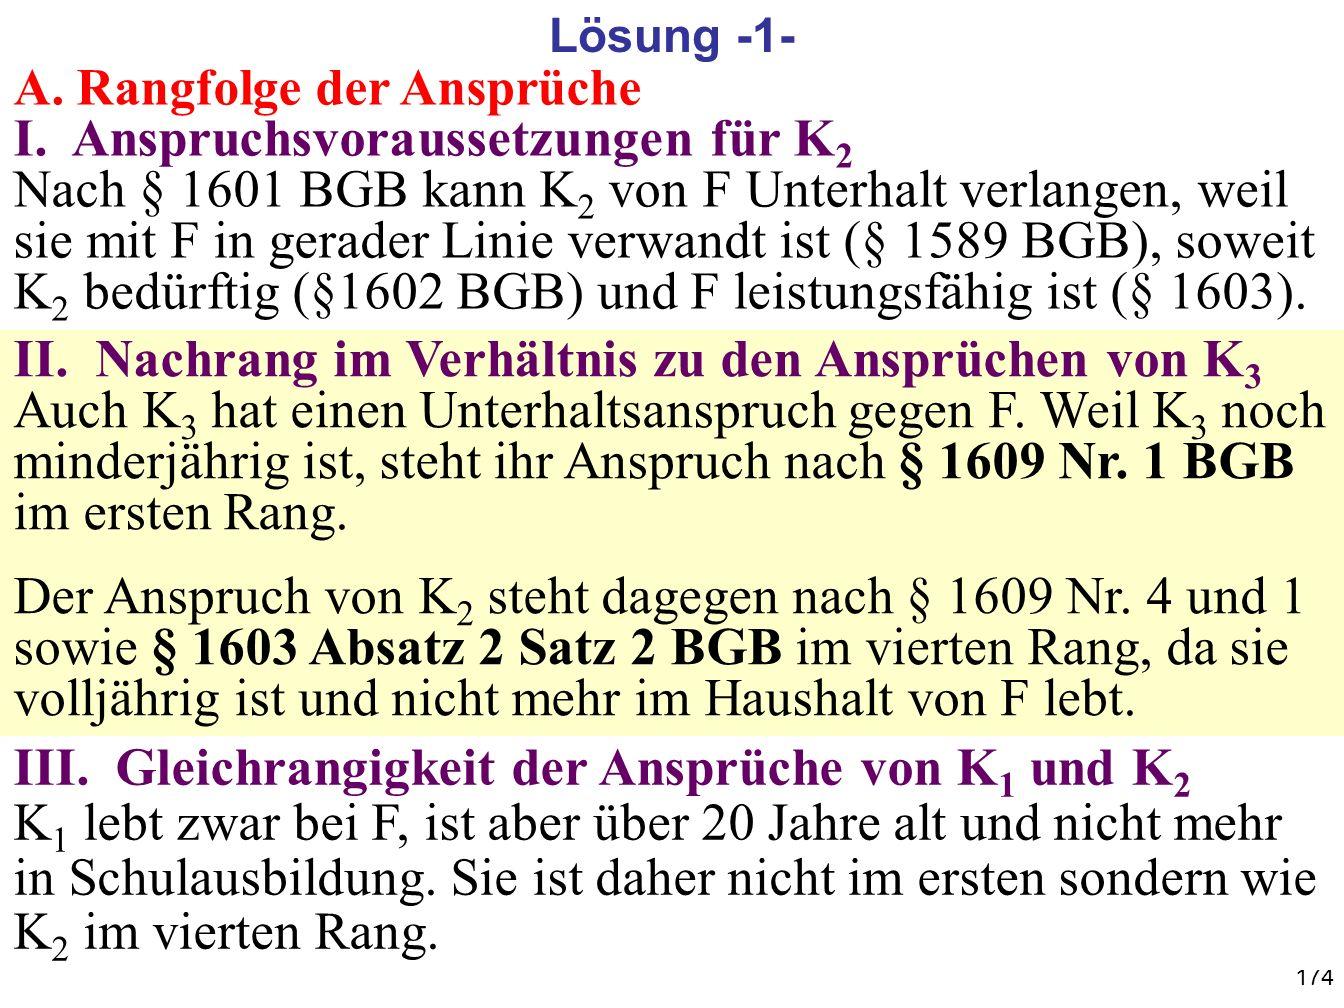 174 A. Rangfolge der Ansprüche I. Anspruchsvoraussetzungen für K 2 Nach § 1601 BGB kann K 2 von F Unterhalt verlangen, weil sie mit F in gerader Linie